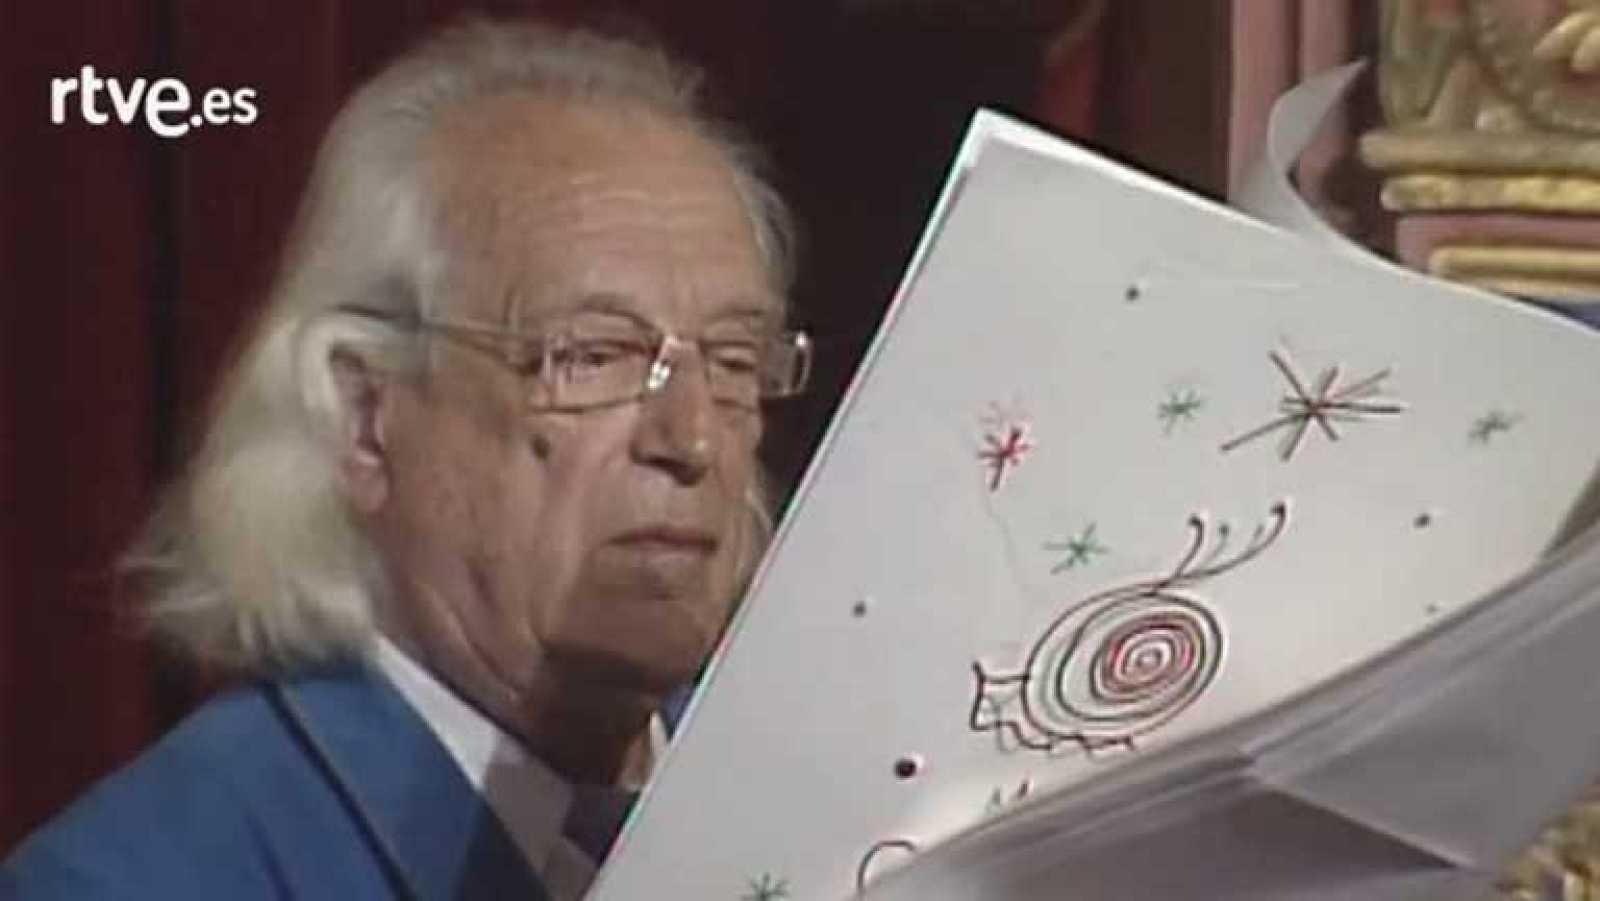 Discurso Rafael Alberti, Premio Cervantes 1983